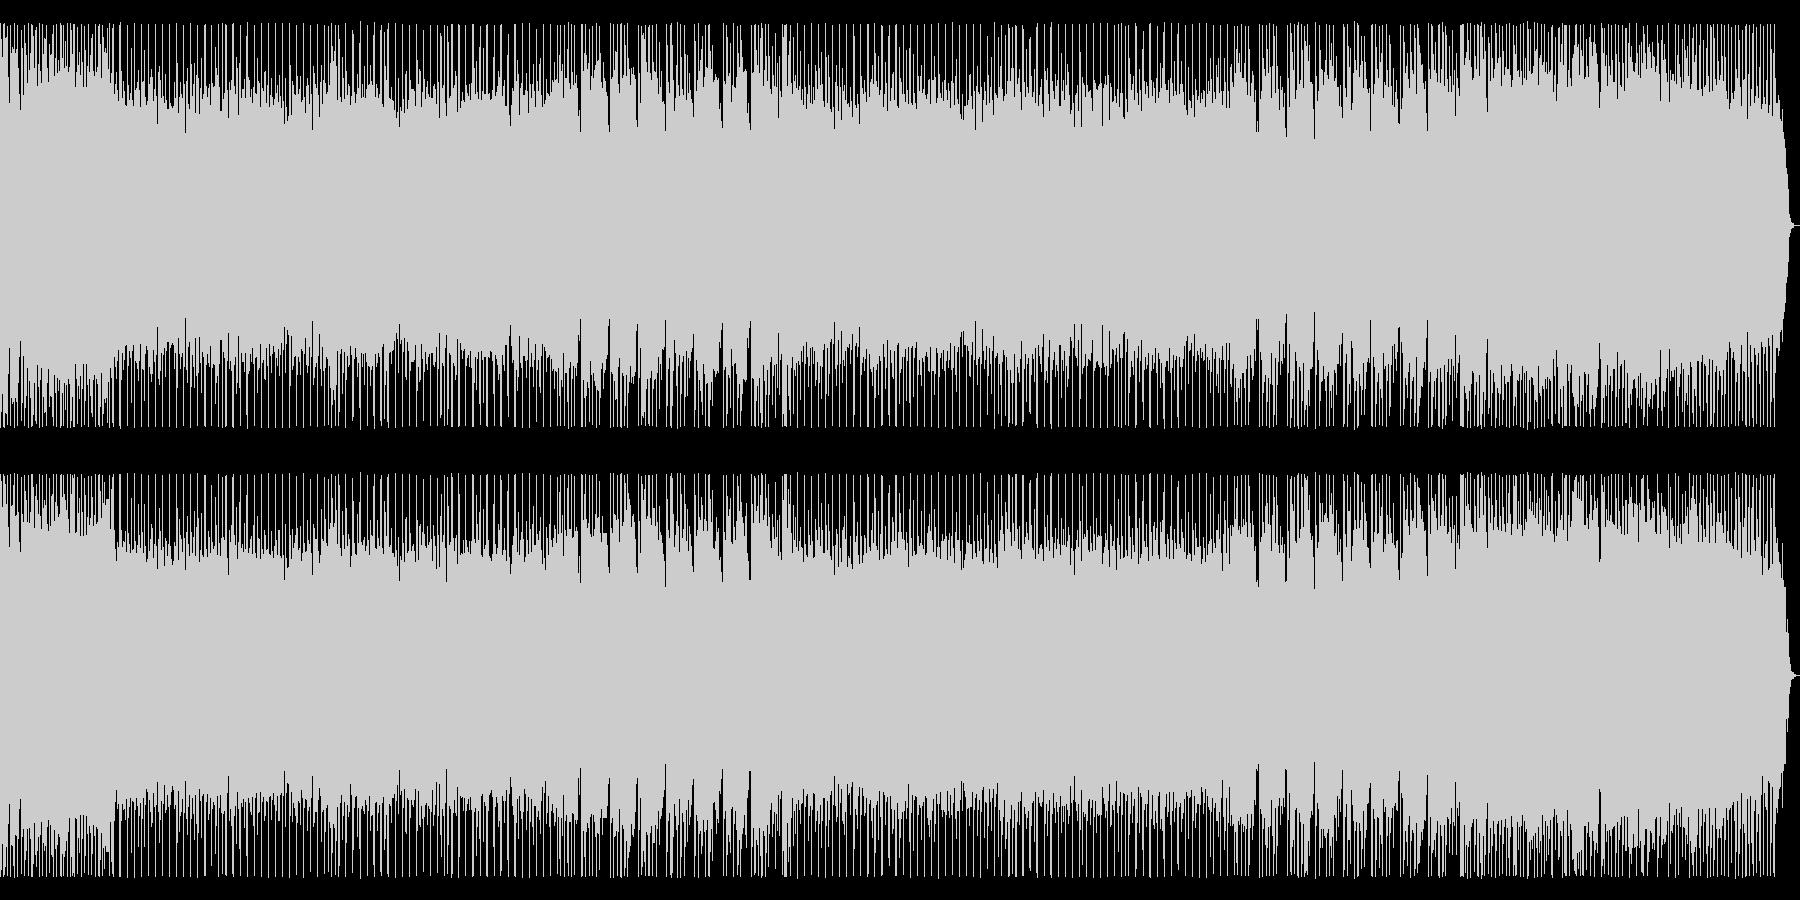 ポップで軽快なメタルBGM 宇宙空間の未再生の波形